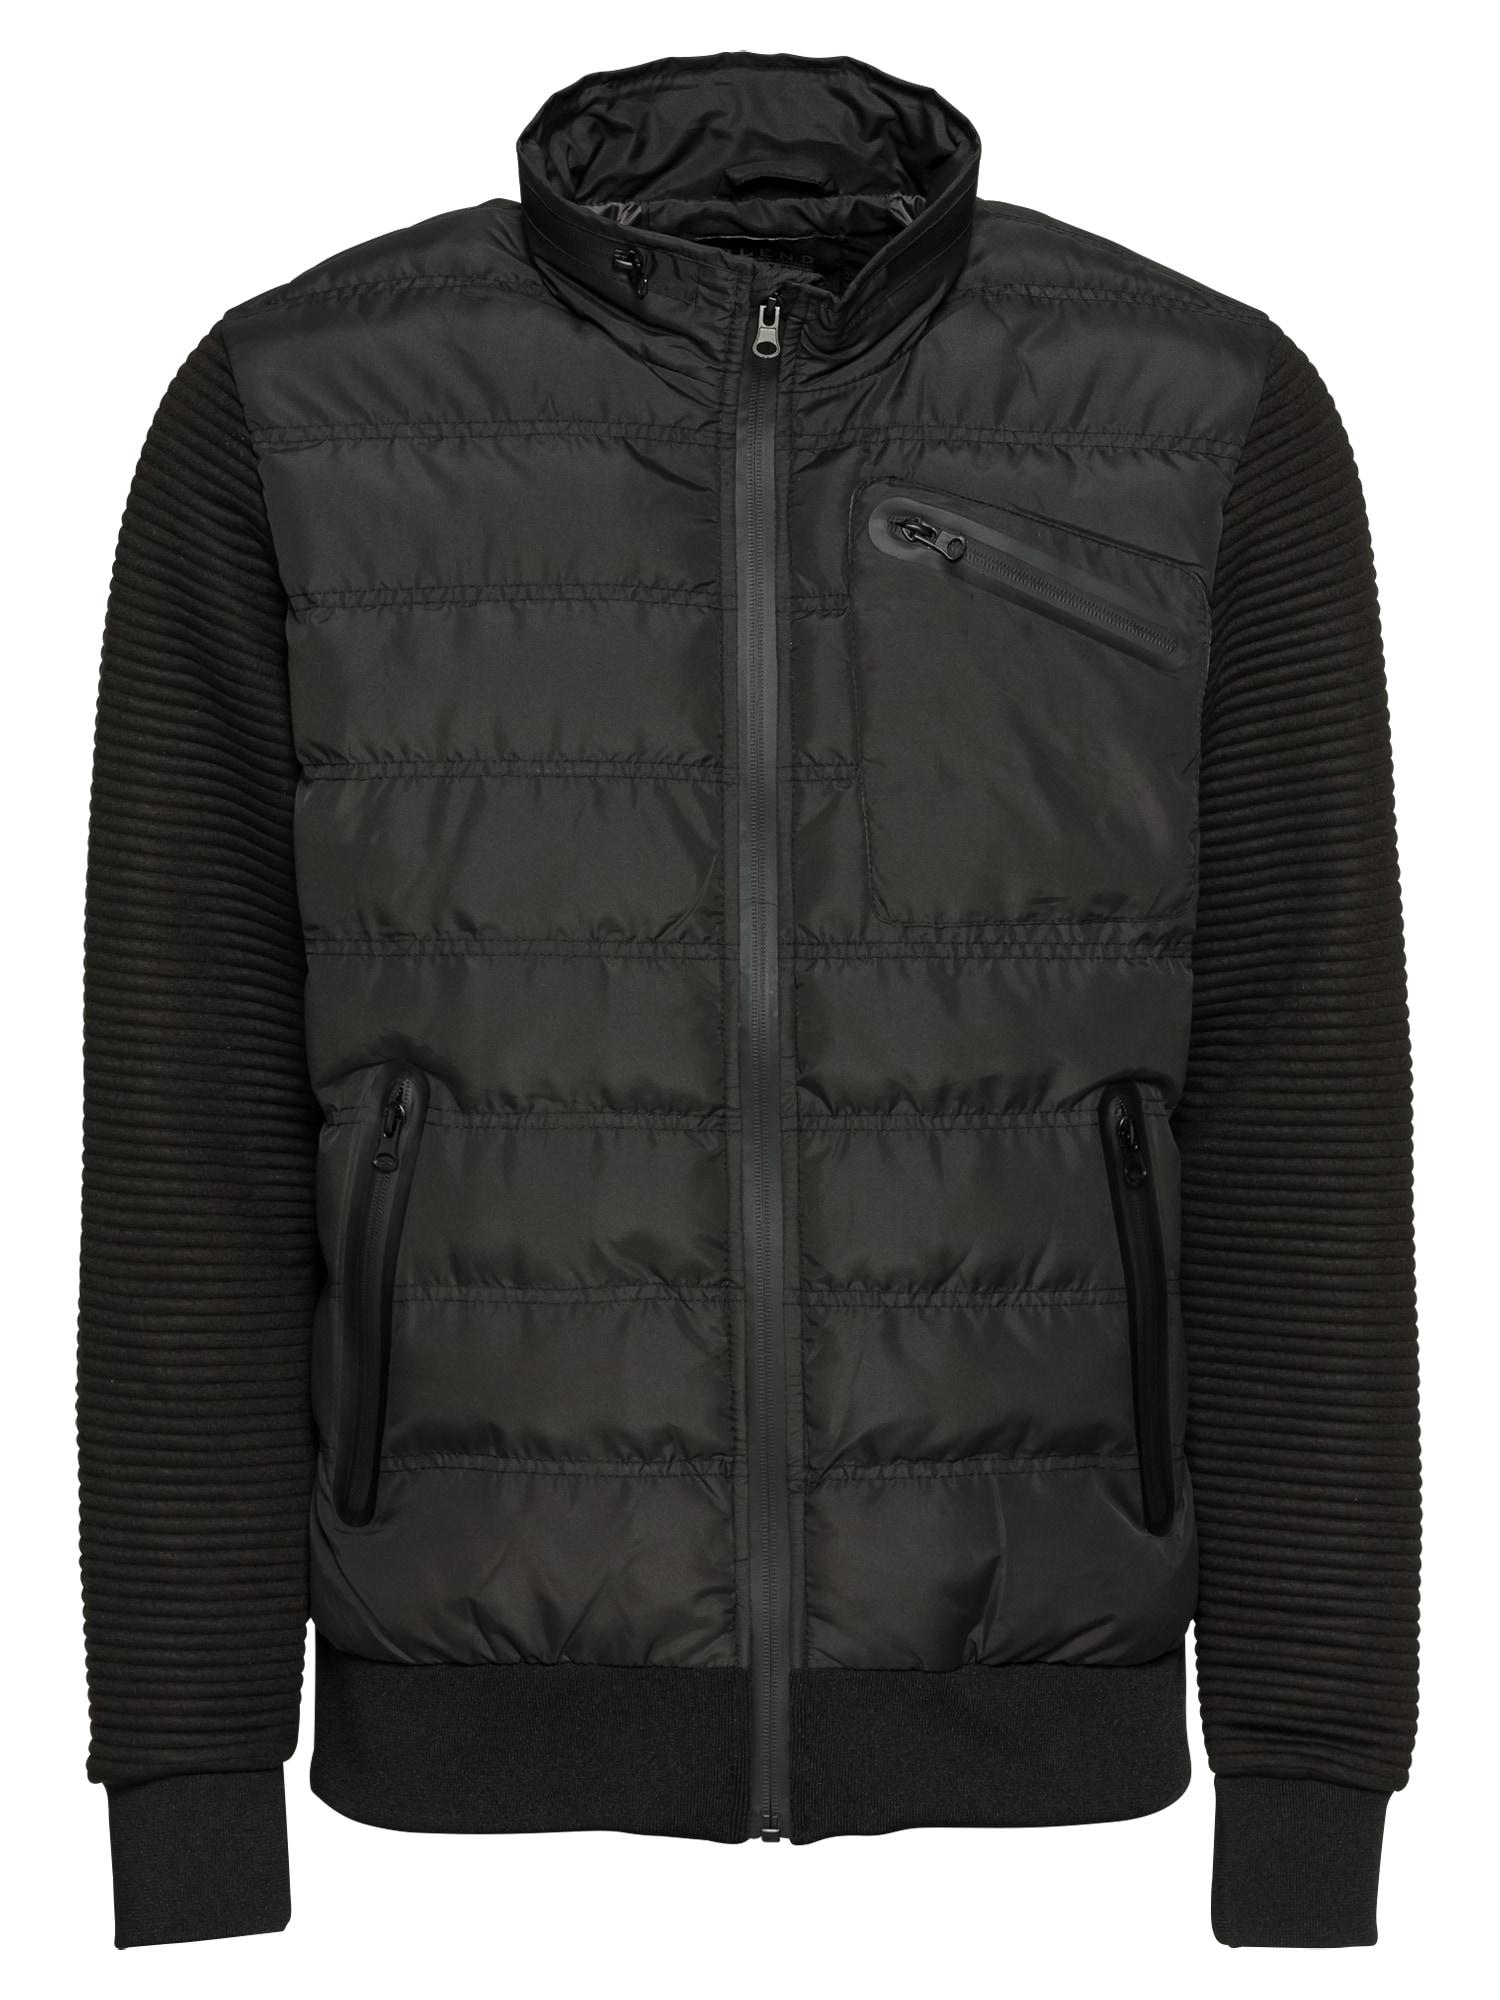 Přechodná bunda Outerwear černá BLEND